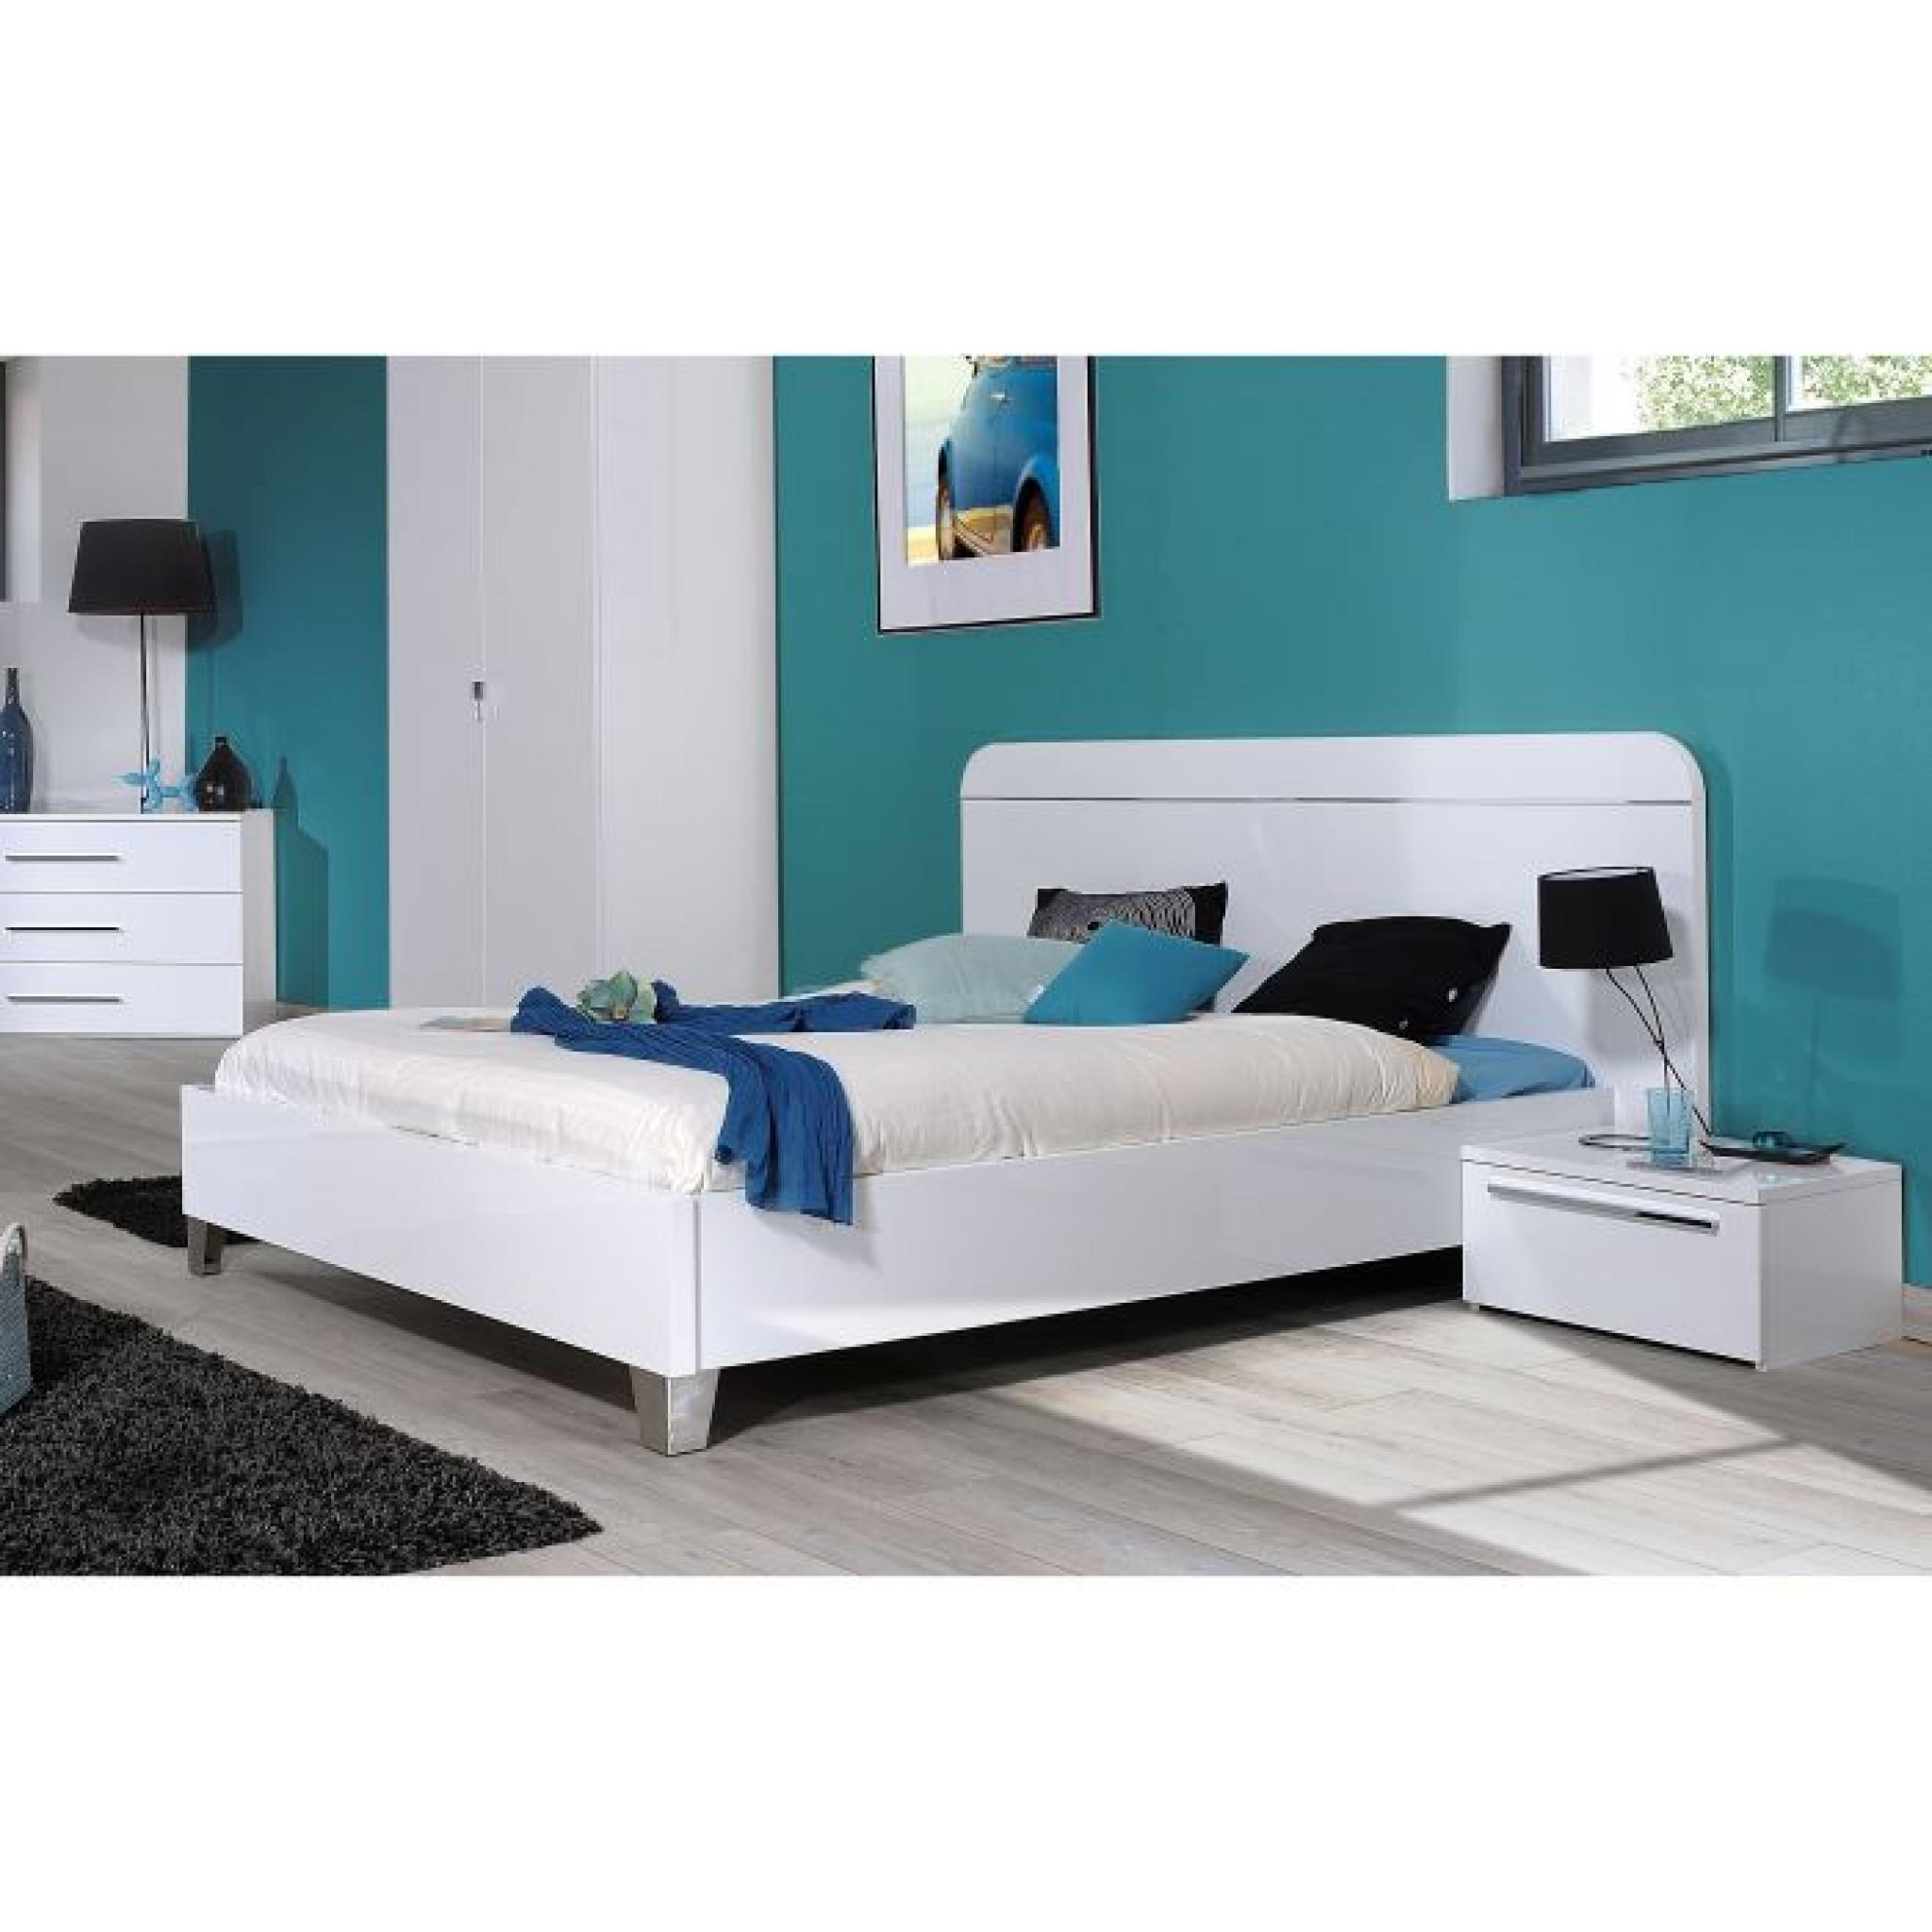 First Chambre Complete Adulte 140 Cm Laquee Blanc Achat Vente Chambre Complete Pas Cher Couleur Et Design Fr